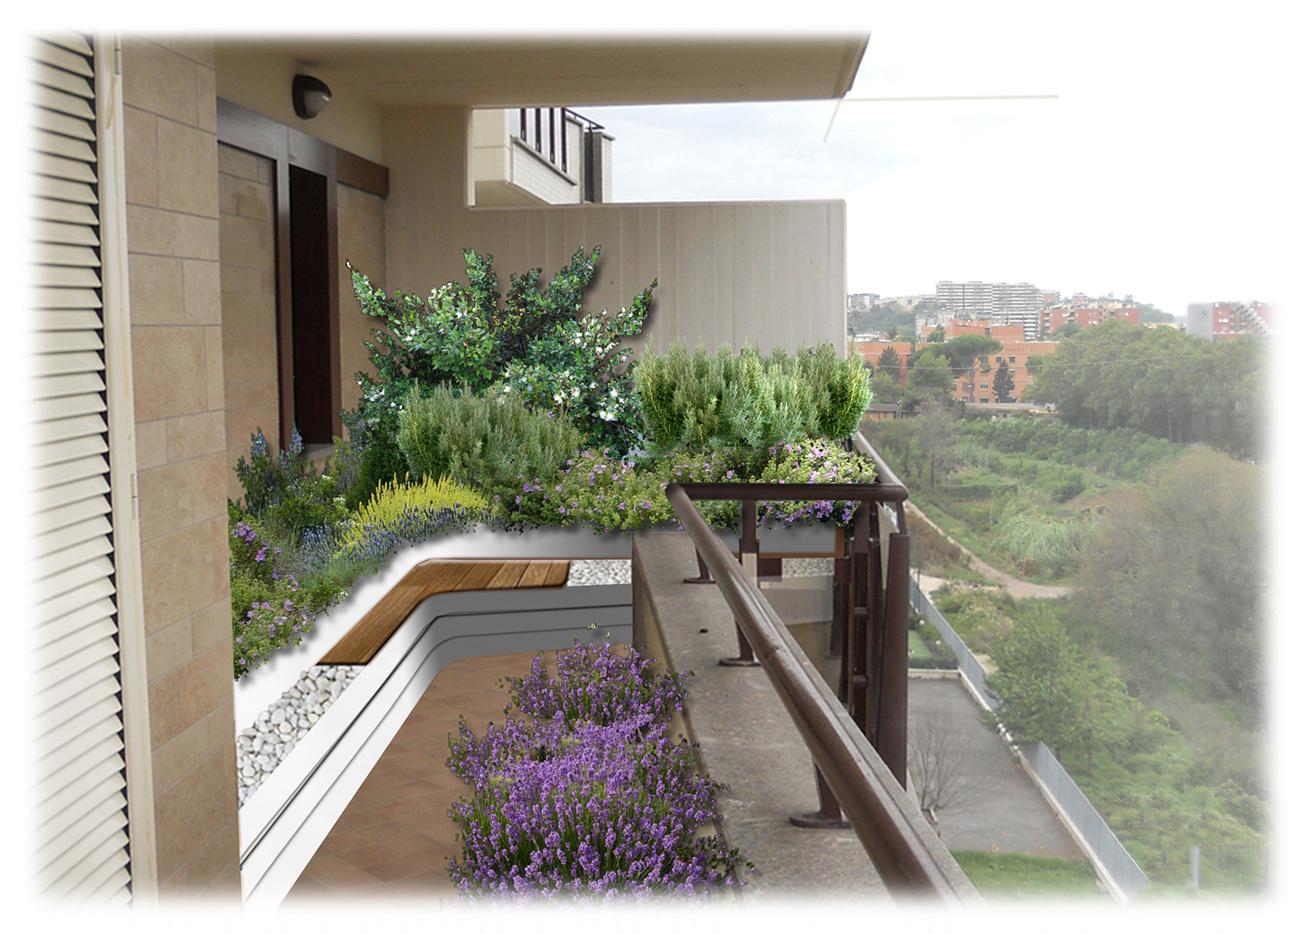 Terrazze giardino e arbusti da giardino sempreverdi - Piante sempreverdi per terrazzi ...